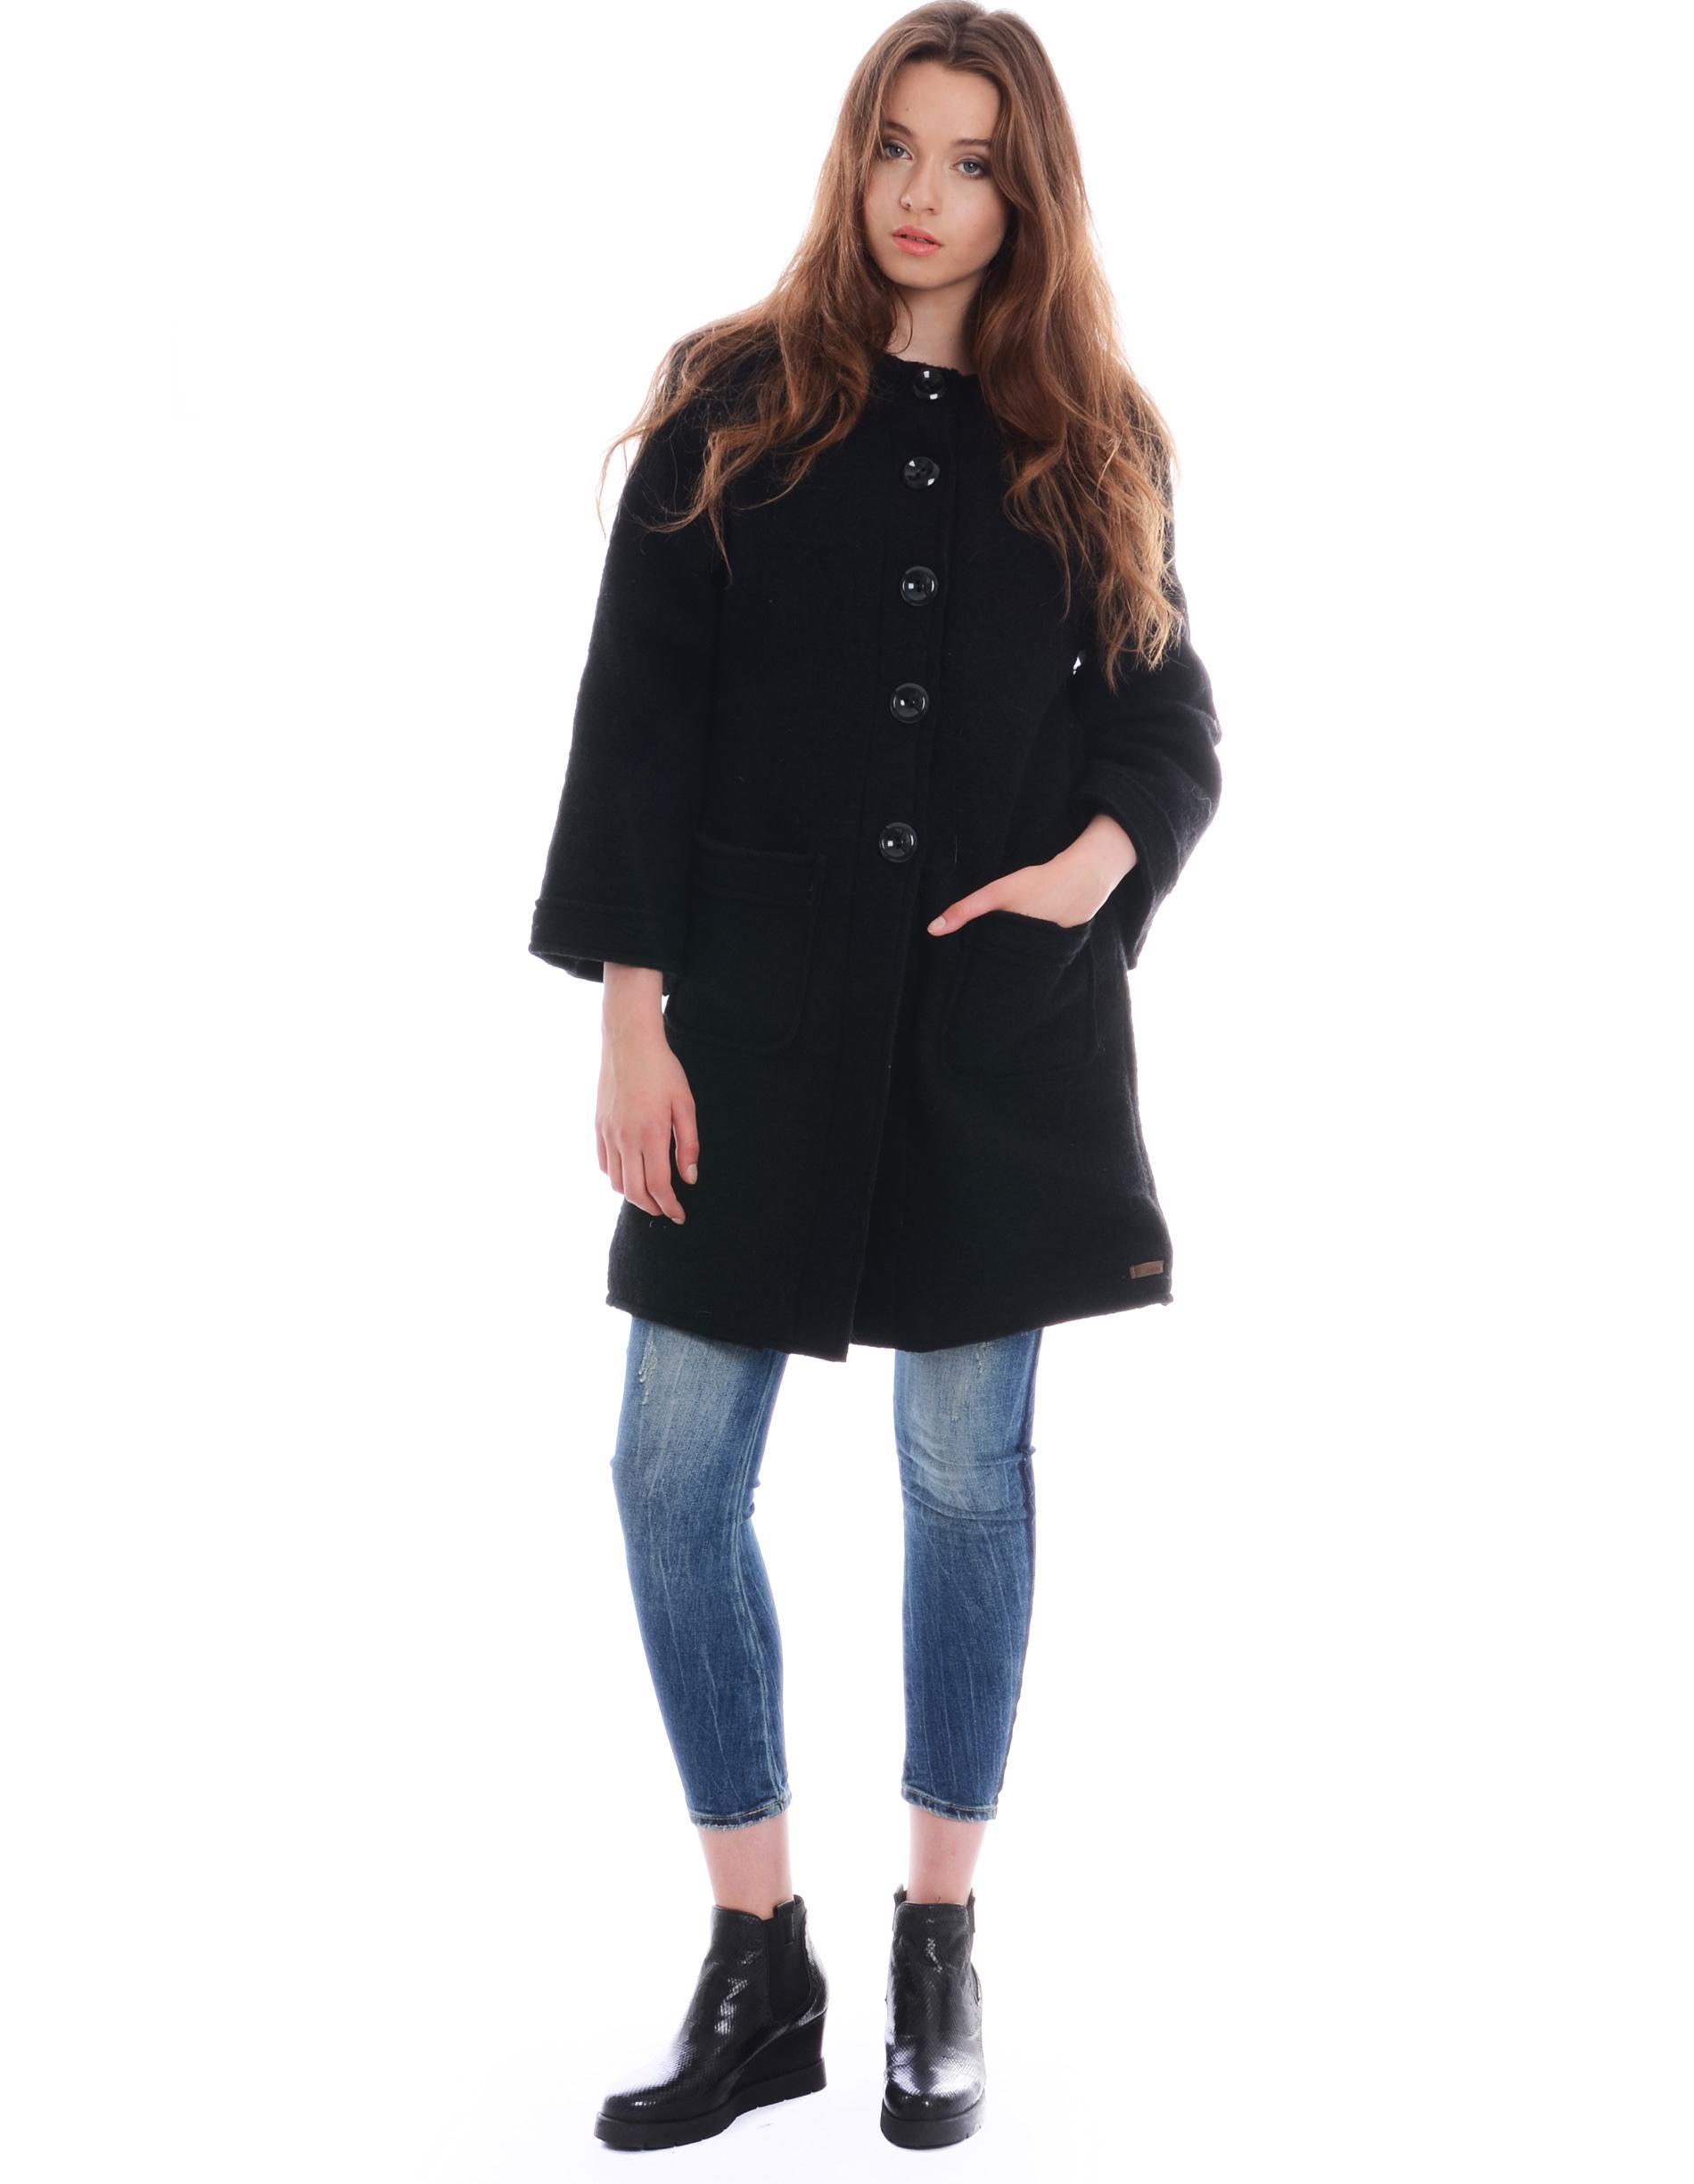 Płaszcz materiałowy - 67-6868 NERO - Unisono